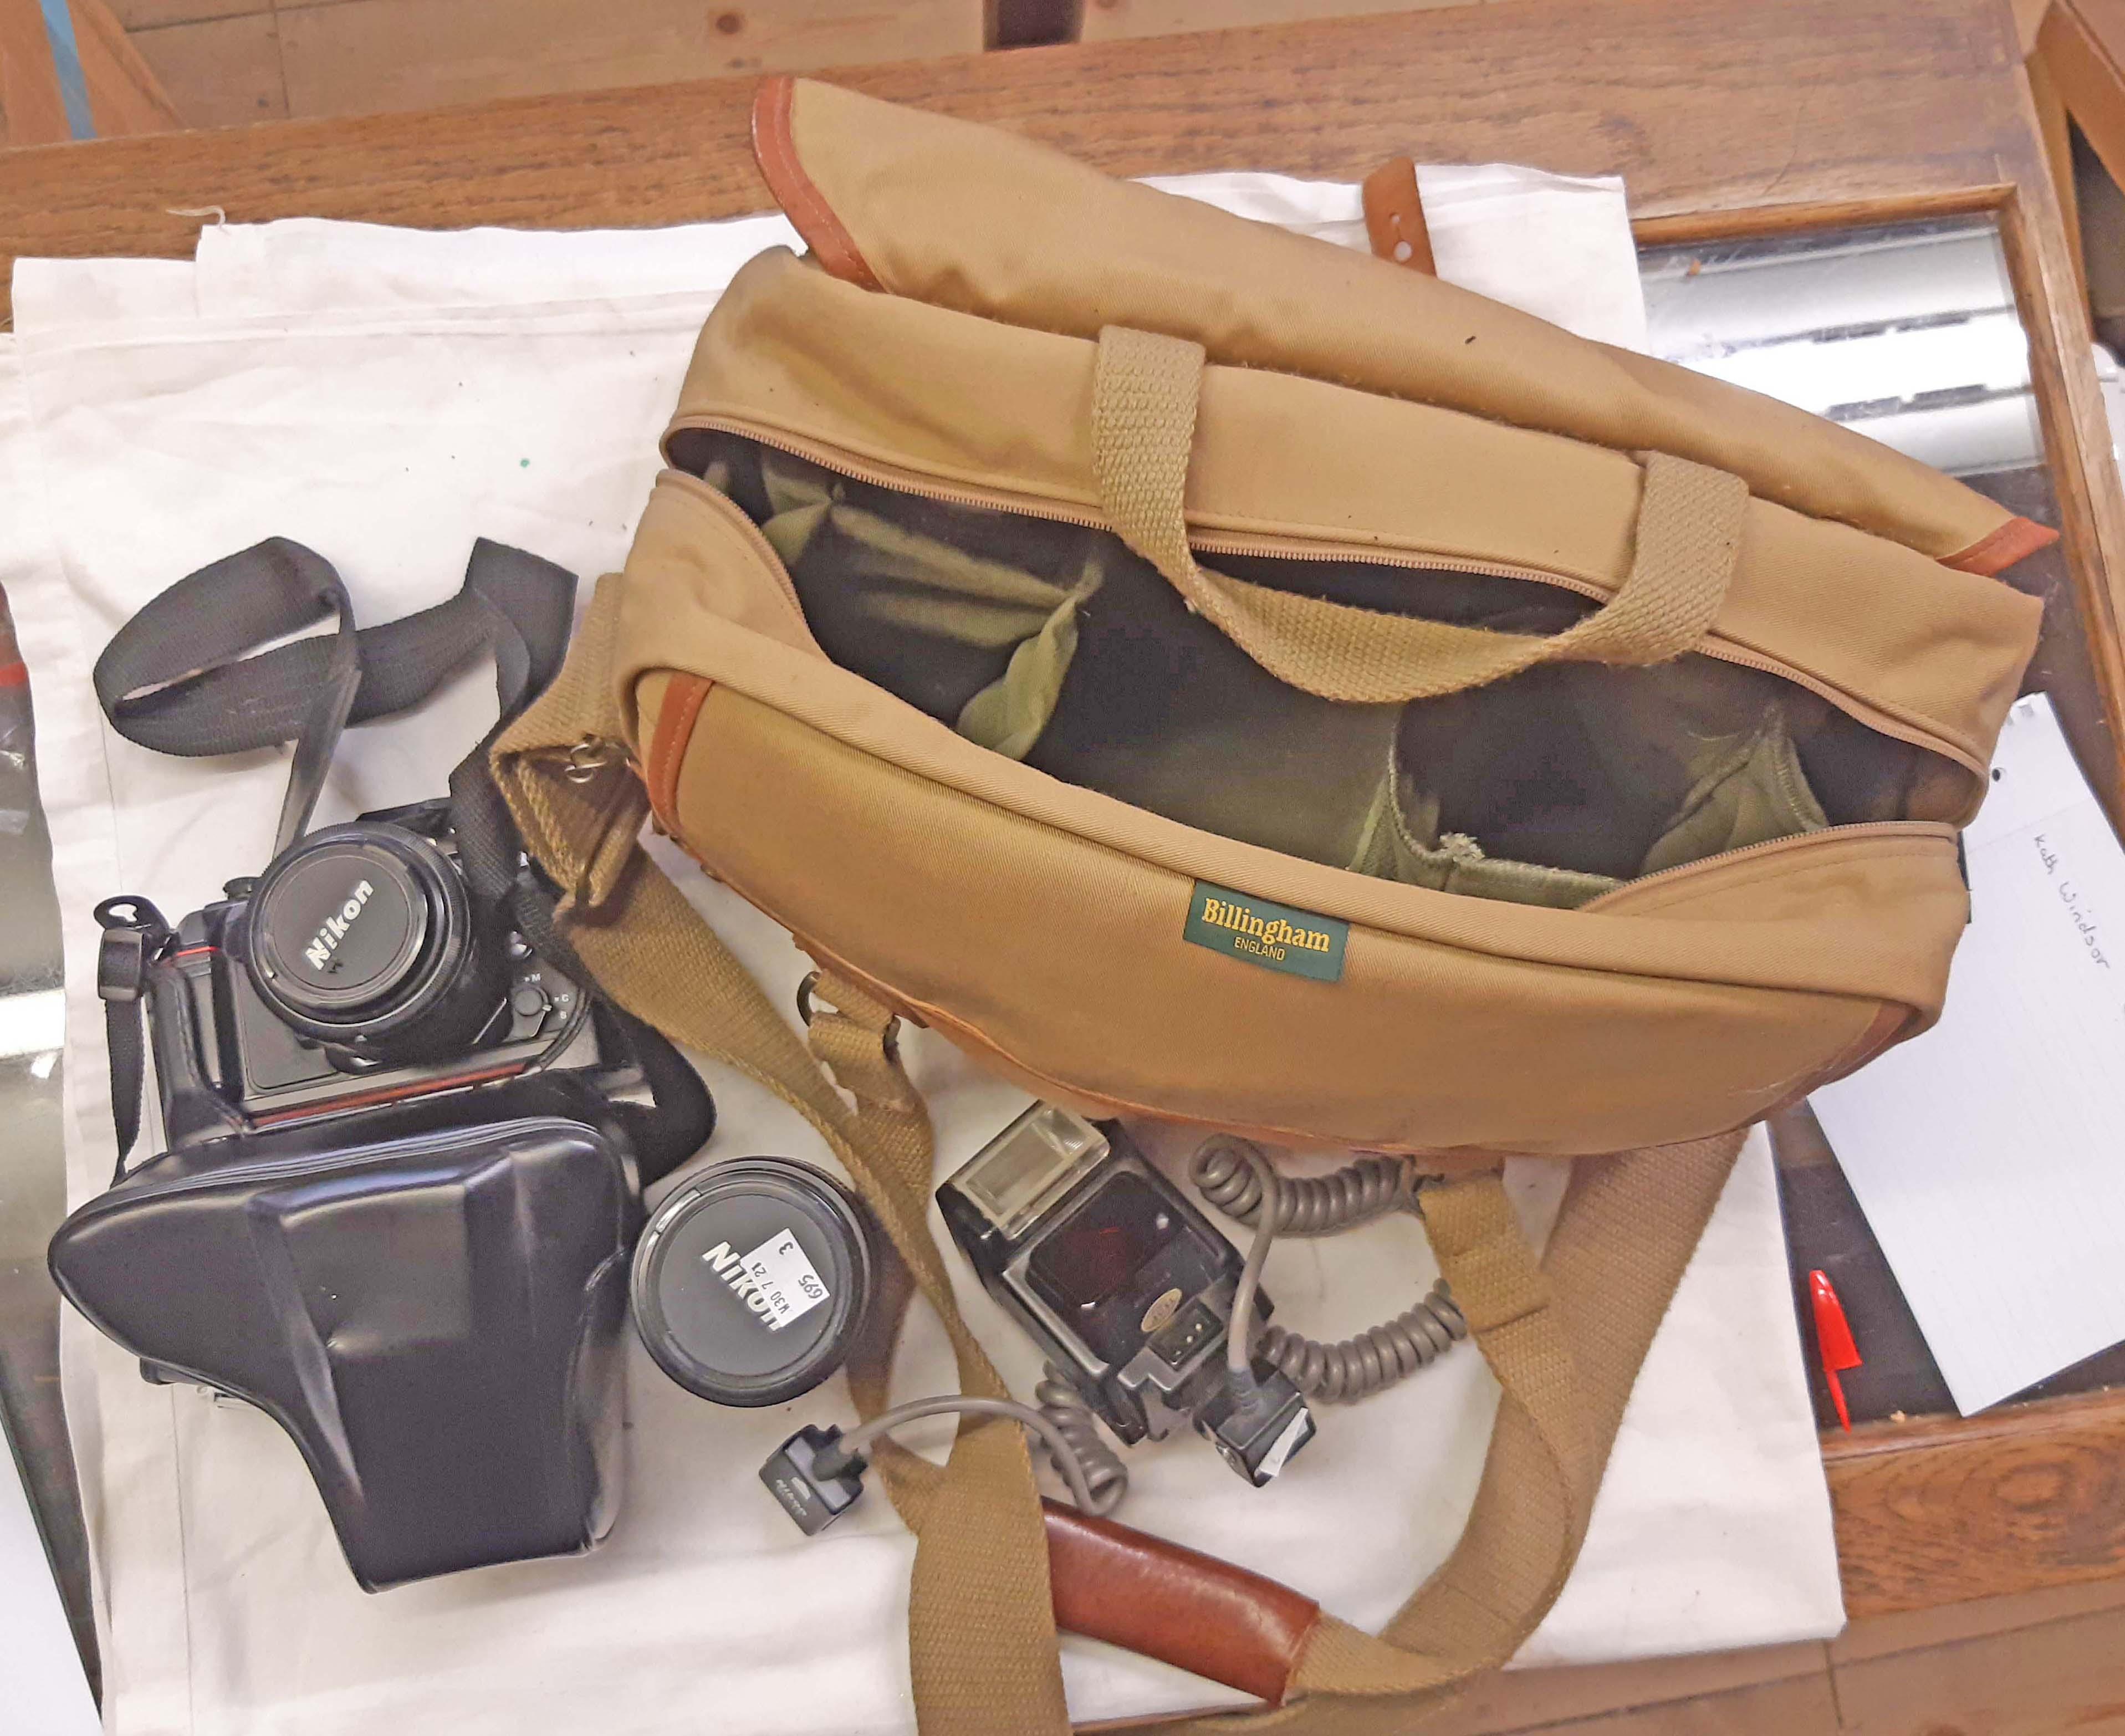 A Nikon F-501 AF 35mm camera outfit with Nikkor lens, Nikkor 70-210mm lens, flash unit, etc. - in